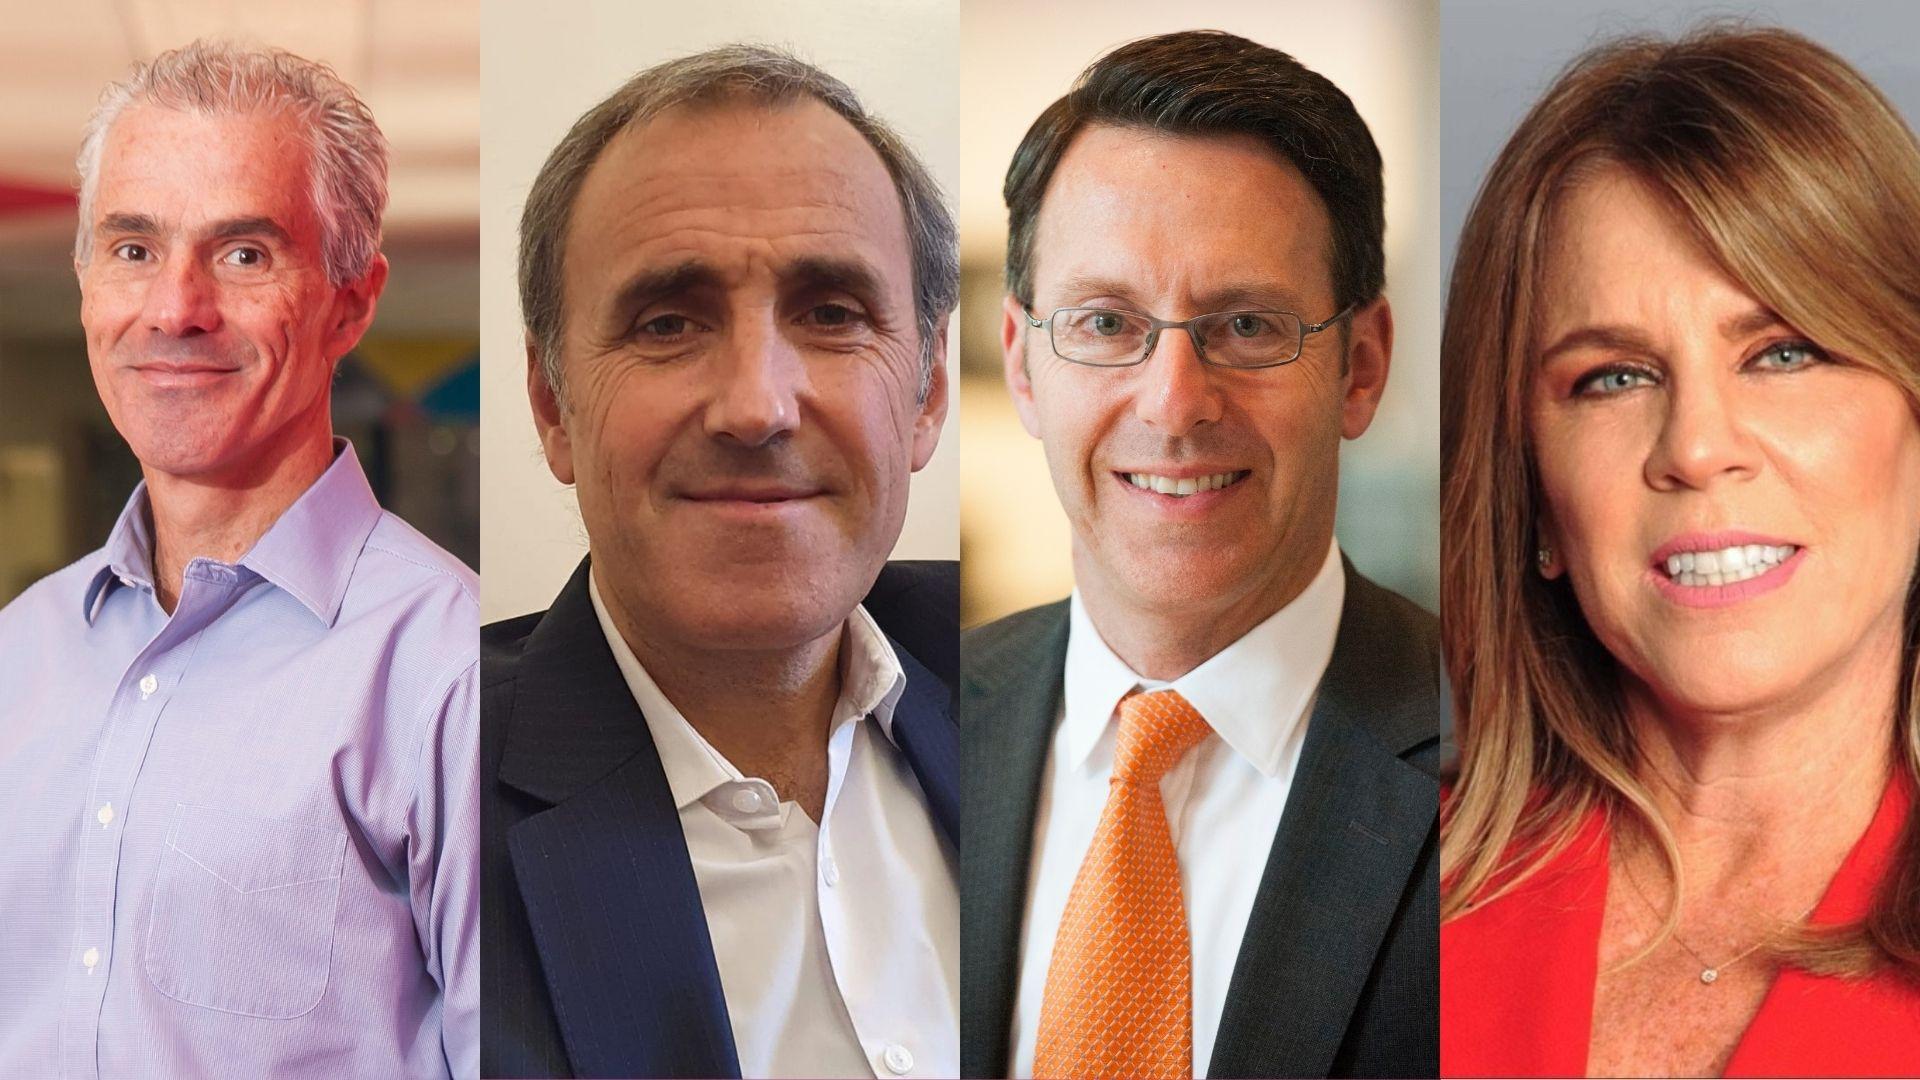 El nuevo gerente general de Credicorp y otras movidas empresariales